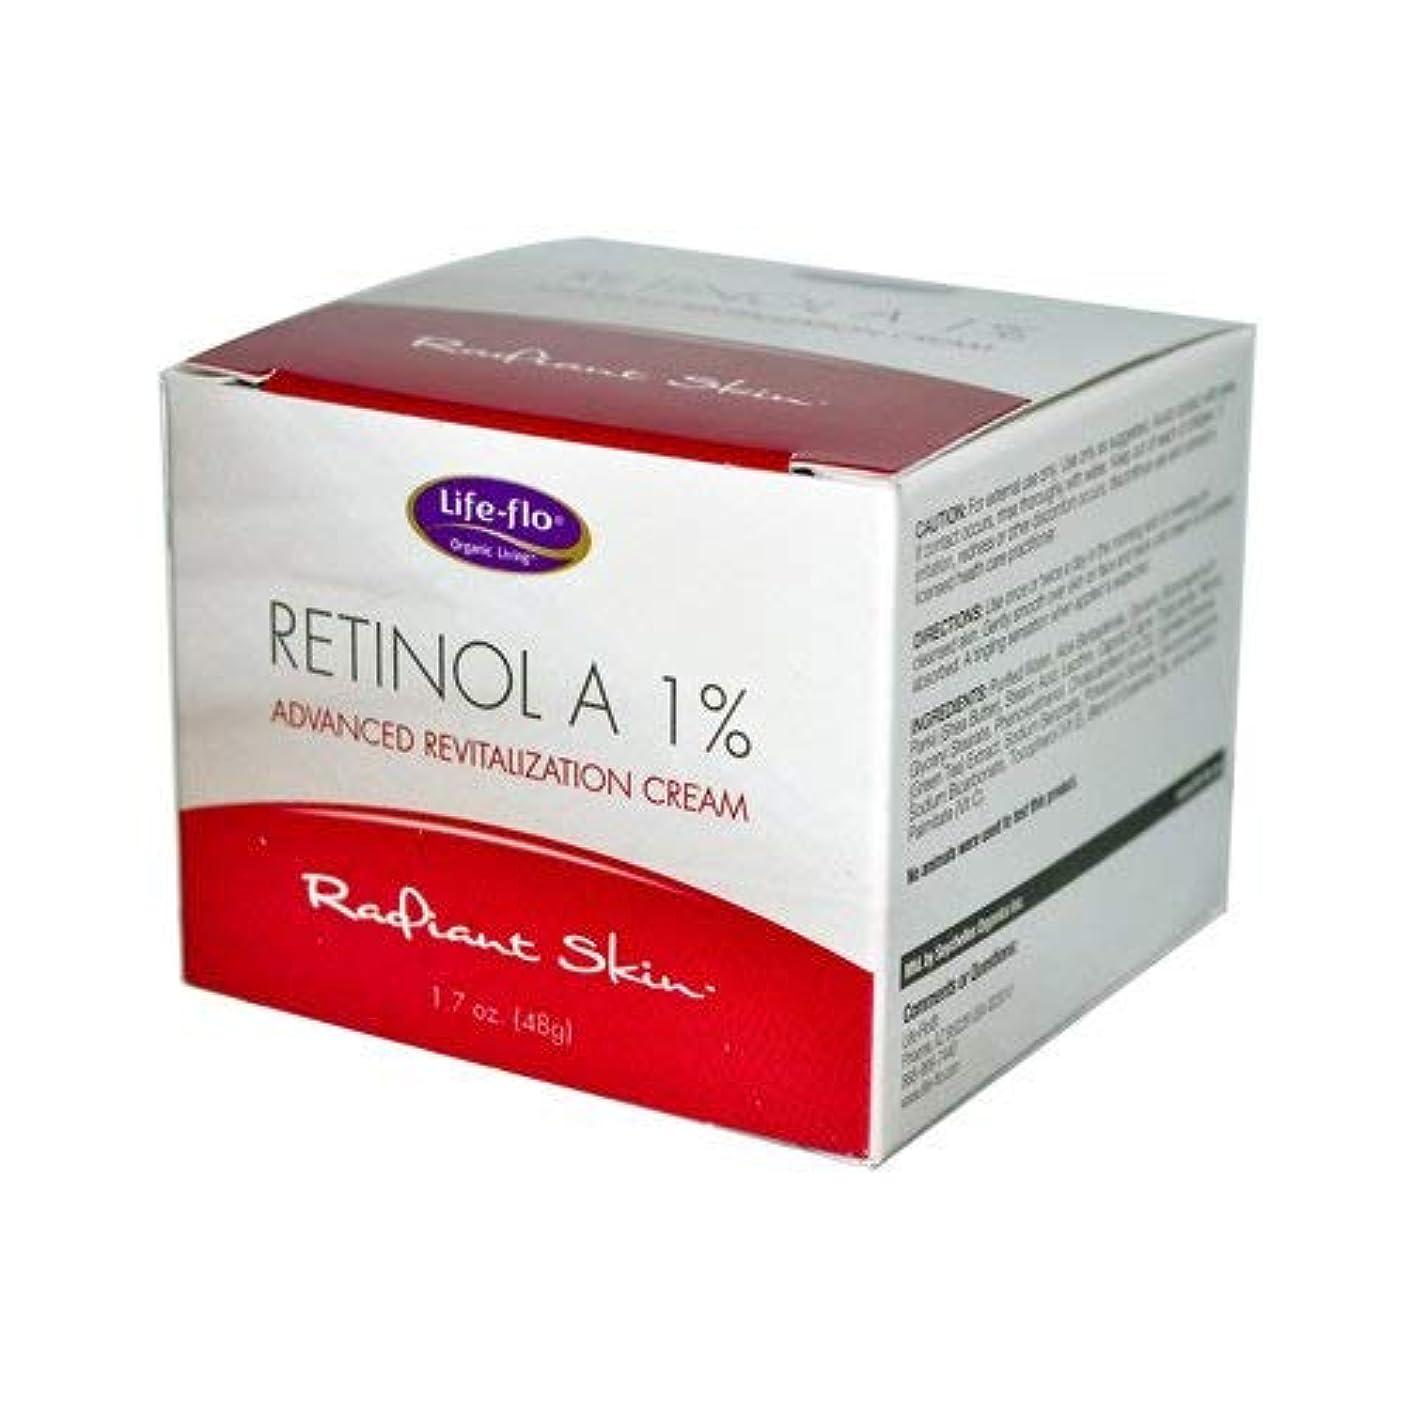 組サスティーン幸福海外直送品 Life-Flo Retinol A 1% Advanced Revitalization Cream, 1.7 oz- 4 Packs